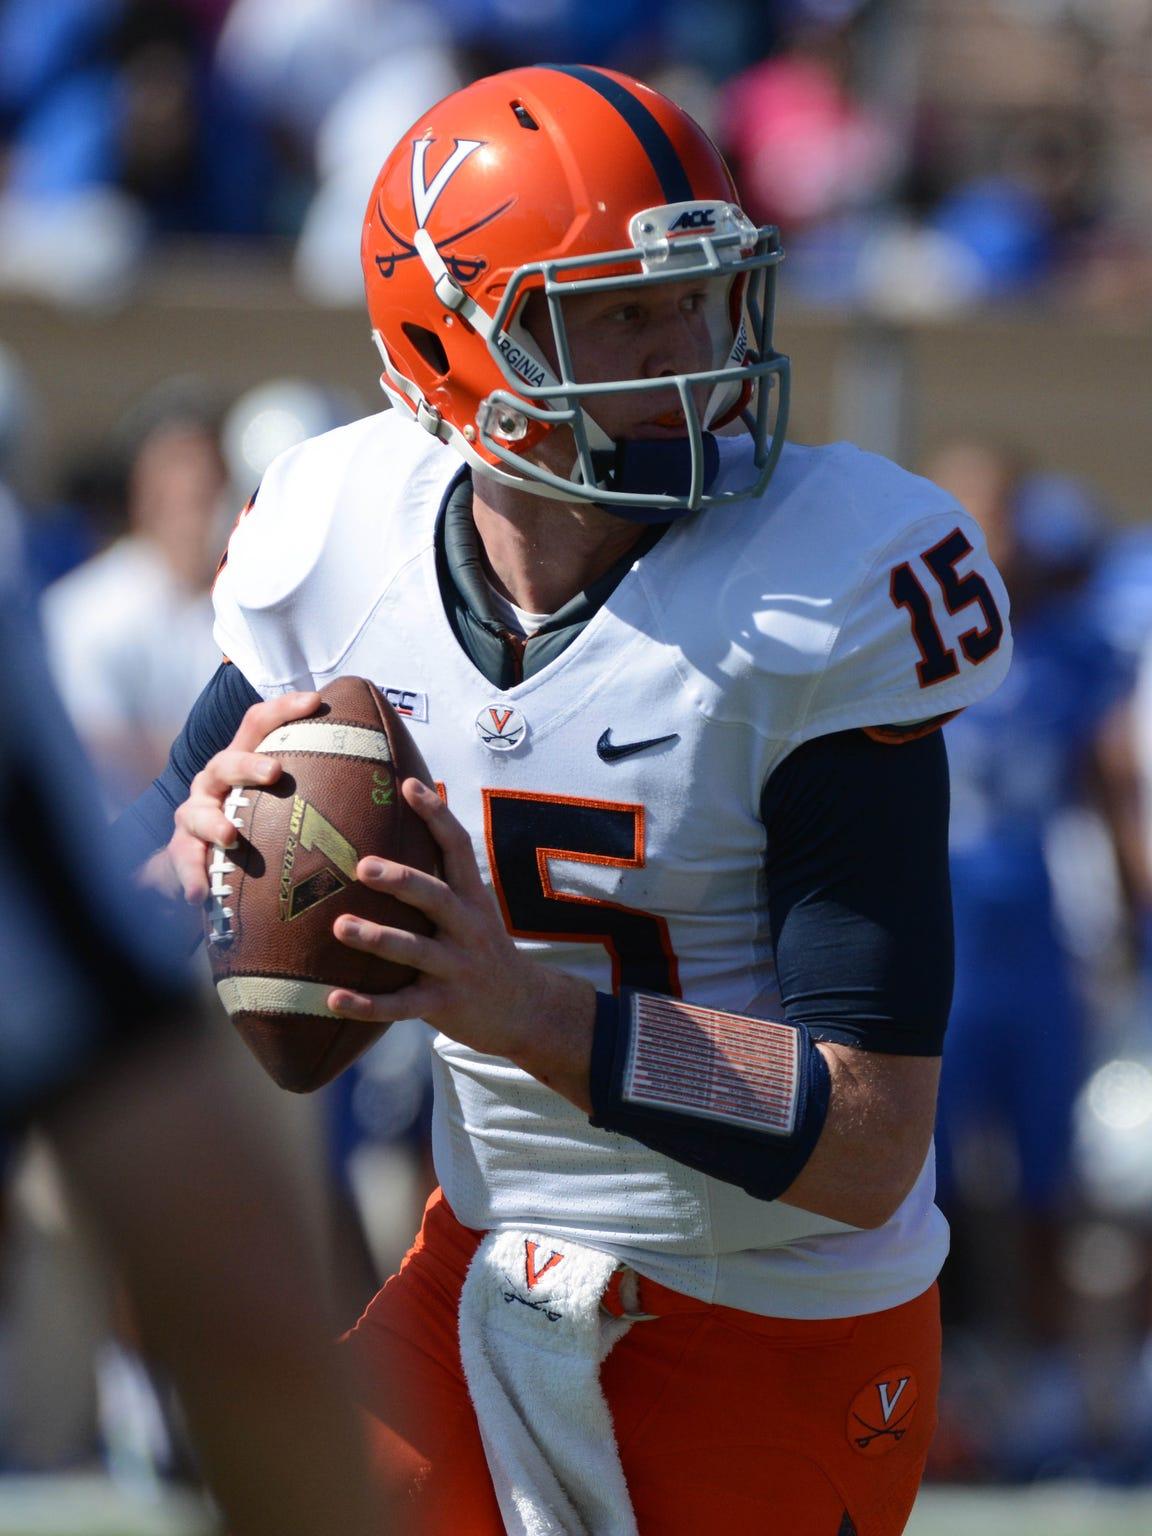 Virginia quarterback Matt Johns